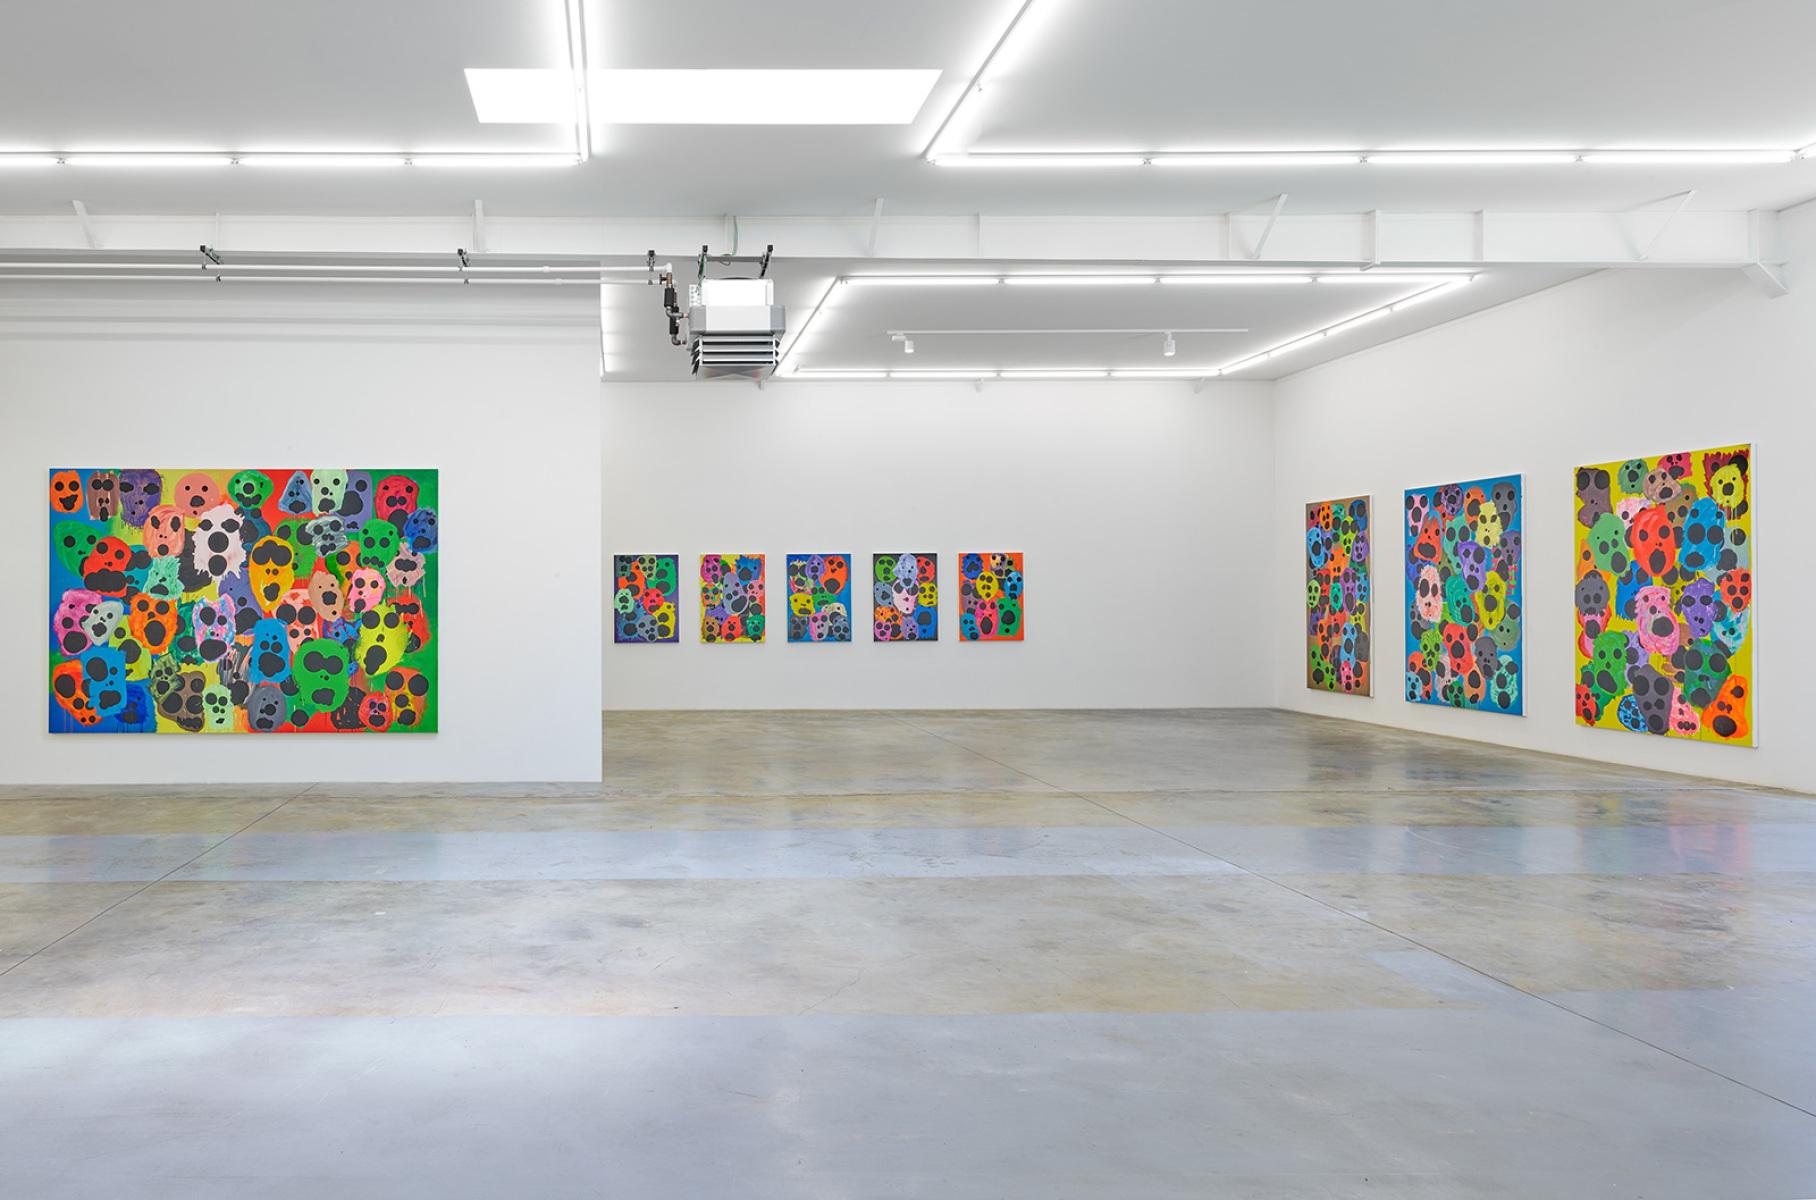 Exhibition view, Mitja Tušek, Freitzeit ist Arbeit, Wandhaff, juin 2021 #8